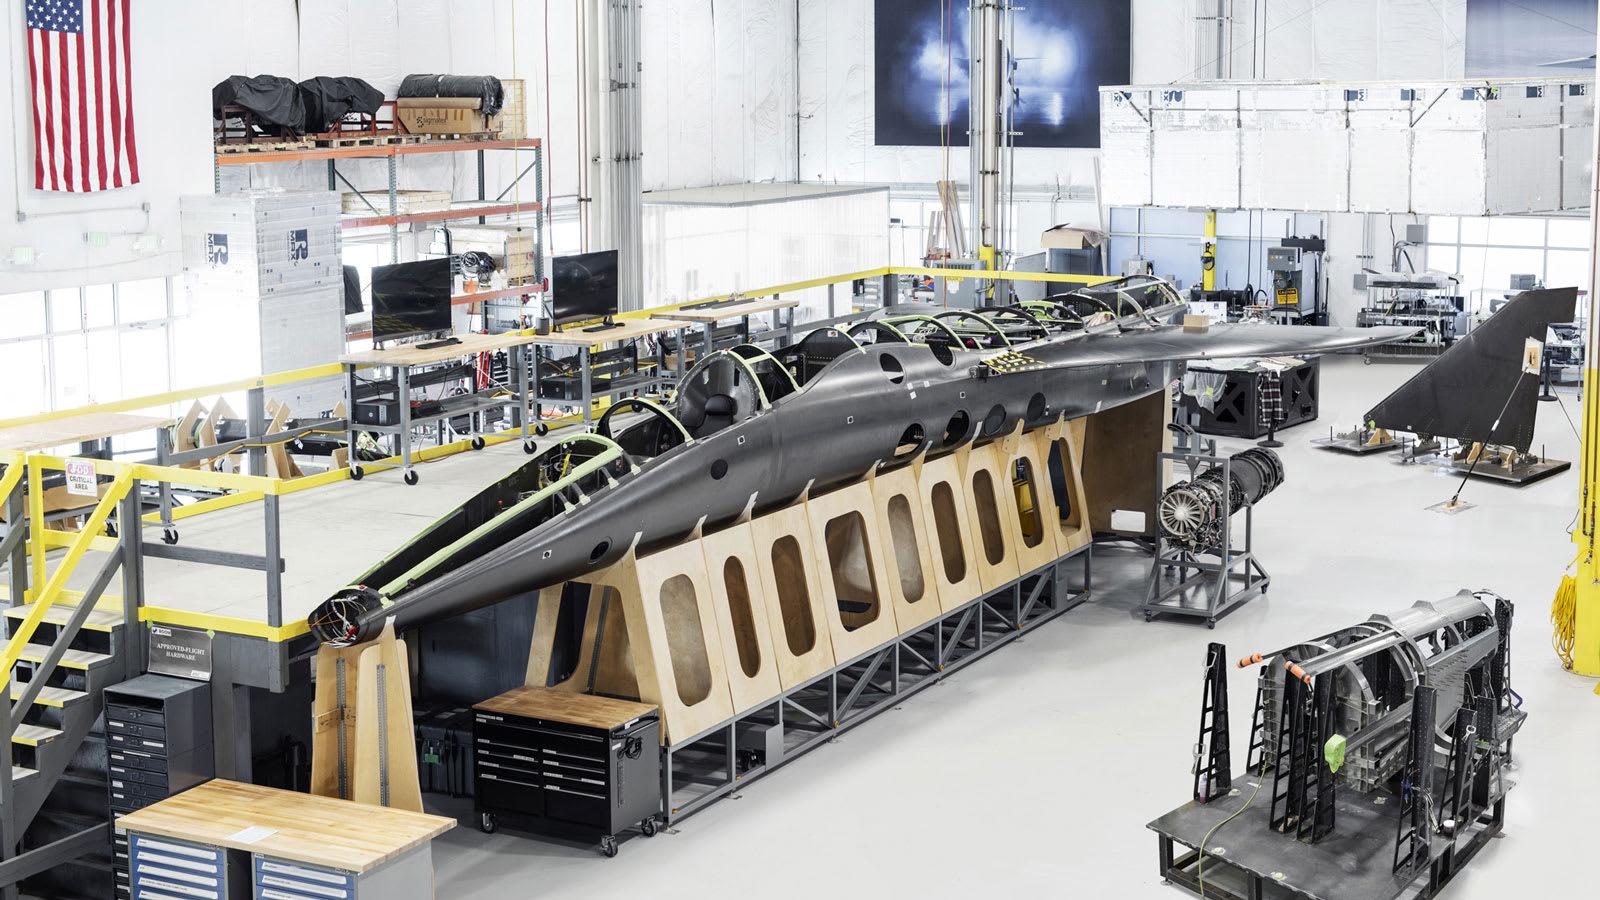 هل هذا مستقبل الطيران؟ طائرة أسرع من الصوت تستعد للإقلاع في 2021